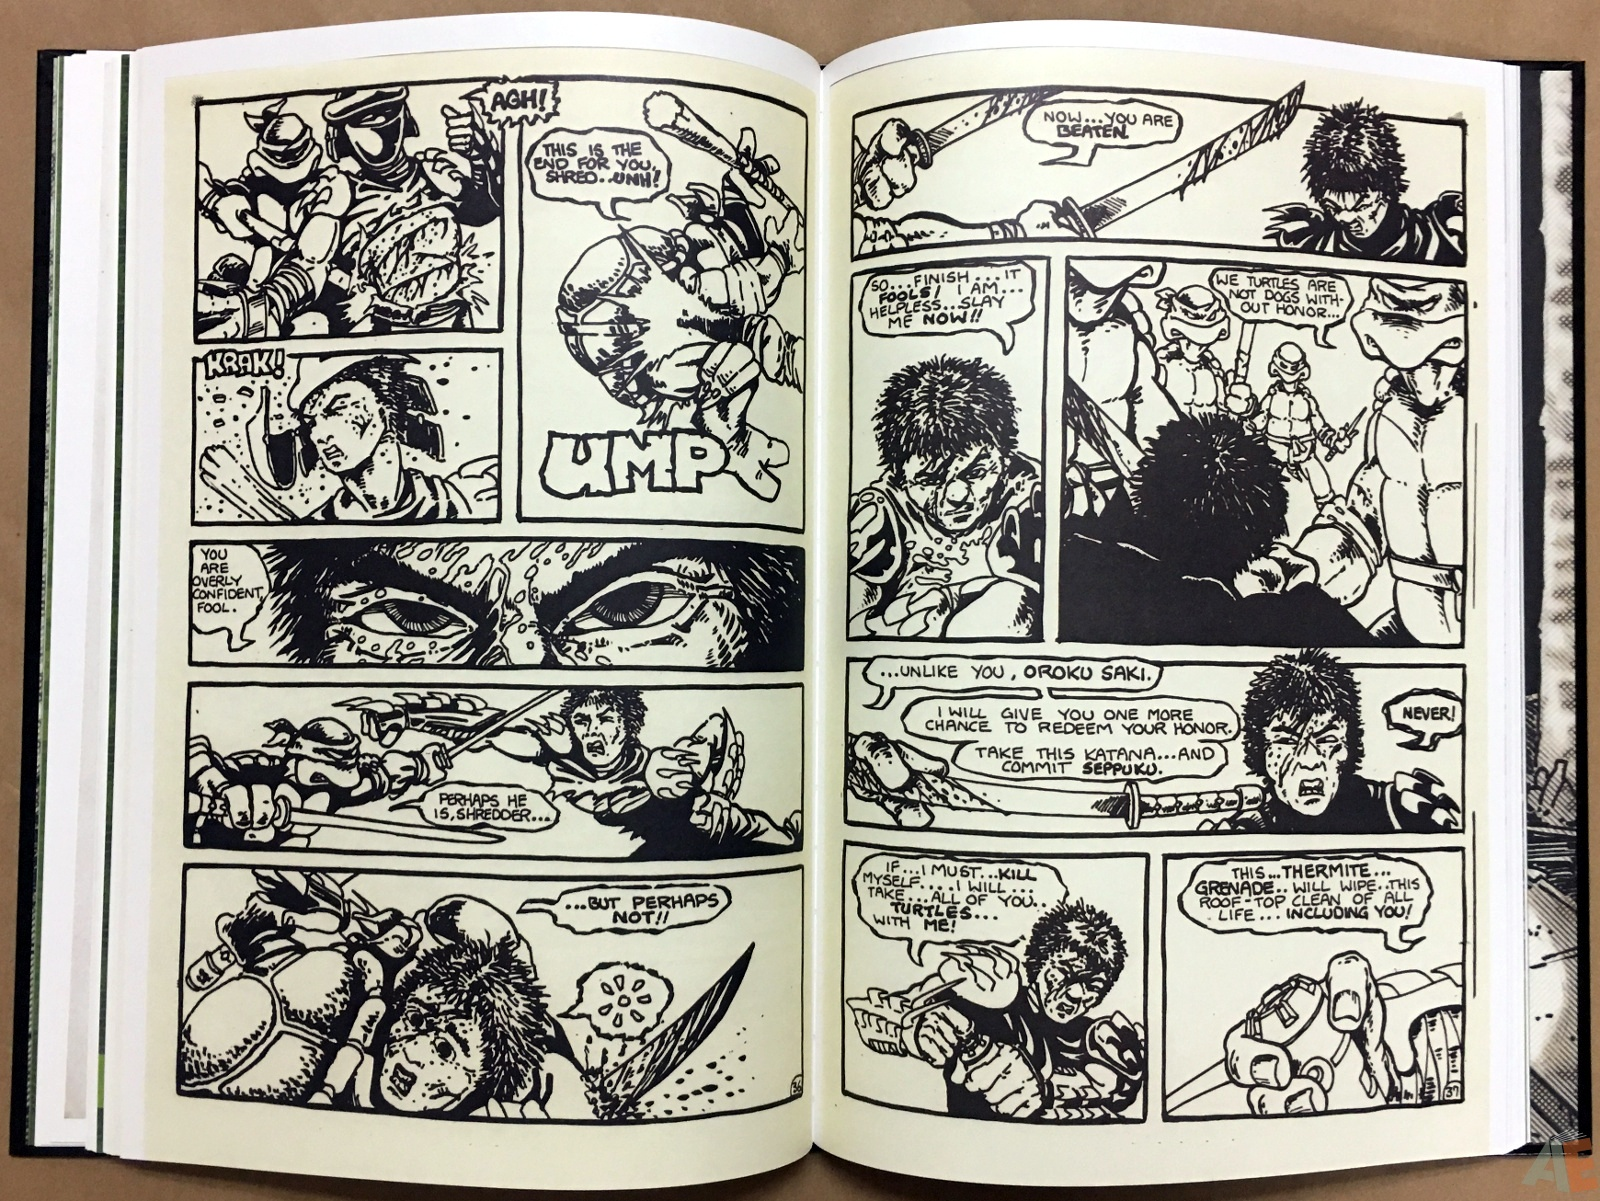 Teenage Mutant Ninja Turtles Artisan Edition 24